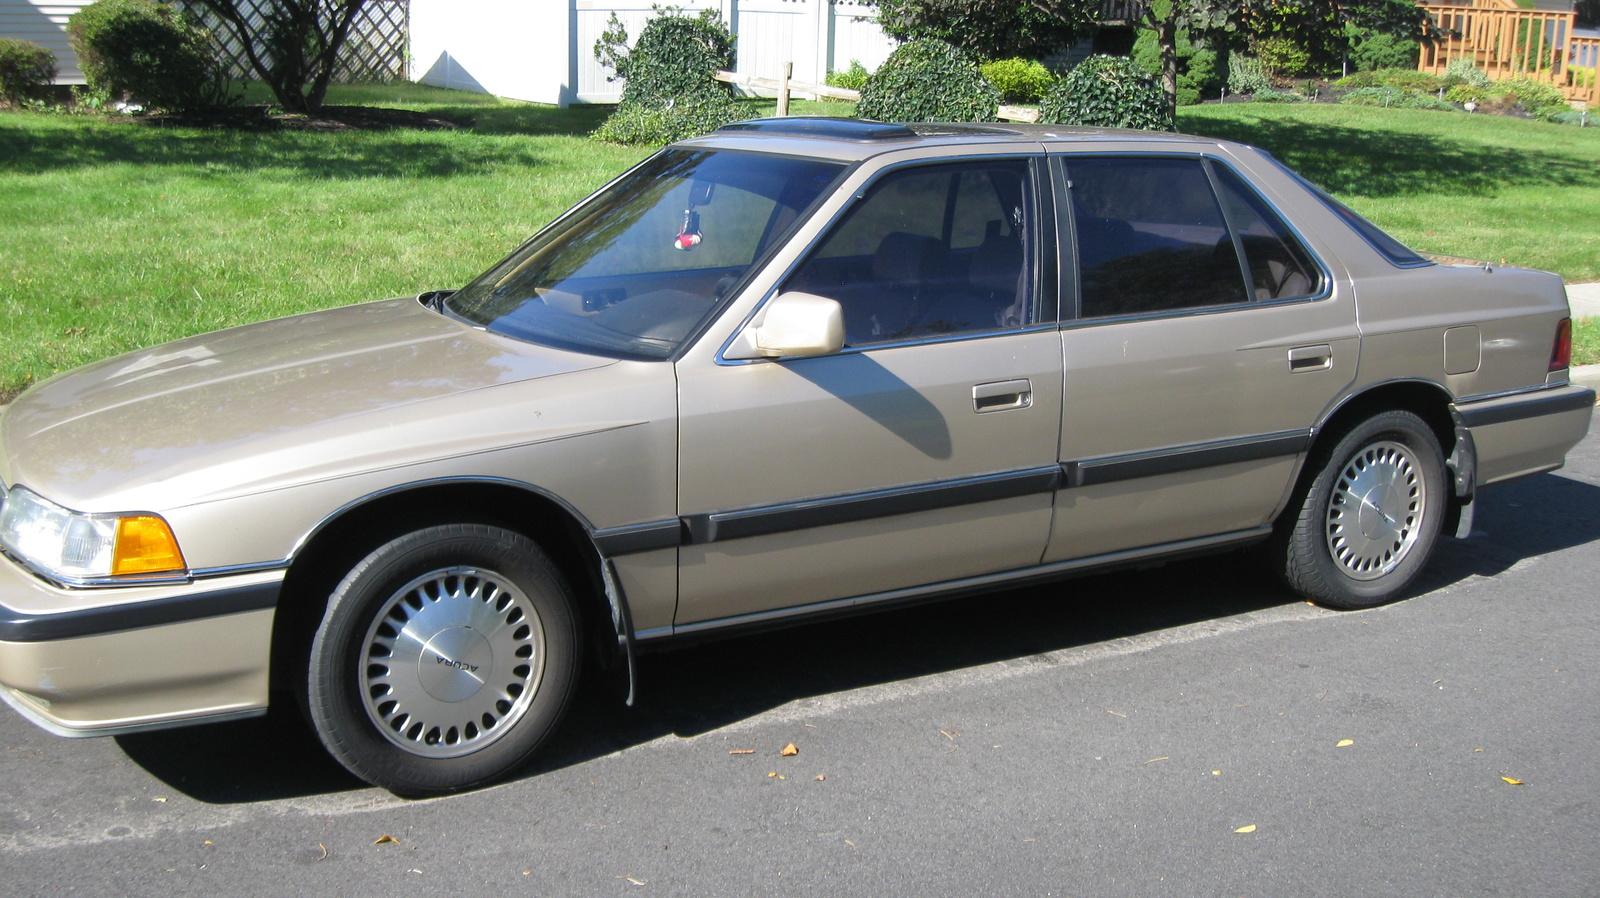 1990 acura legend overview cargurus rh cargurus com 1993 Acura Legend 1989 Acura Legend